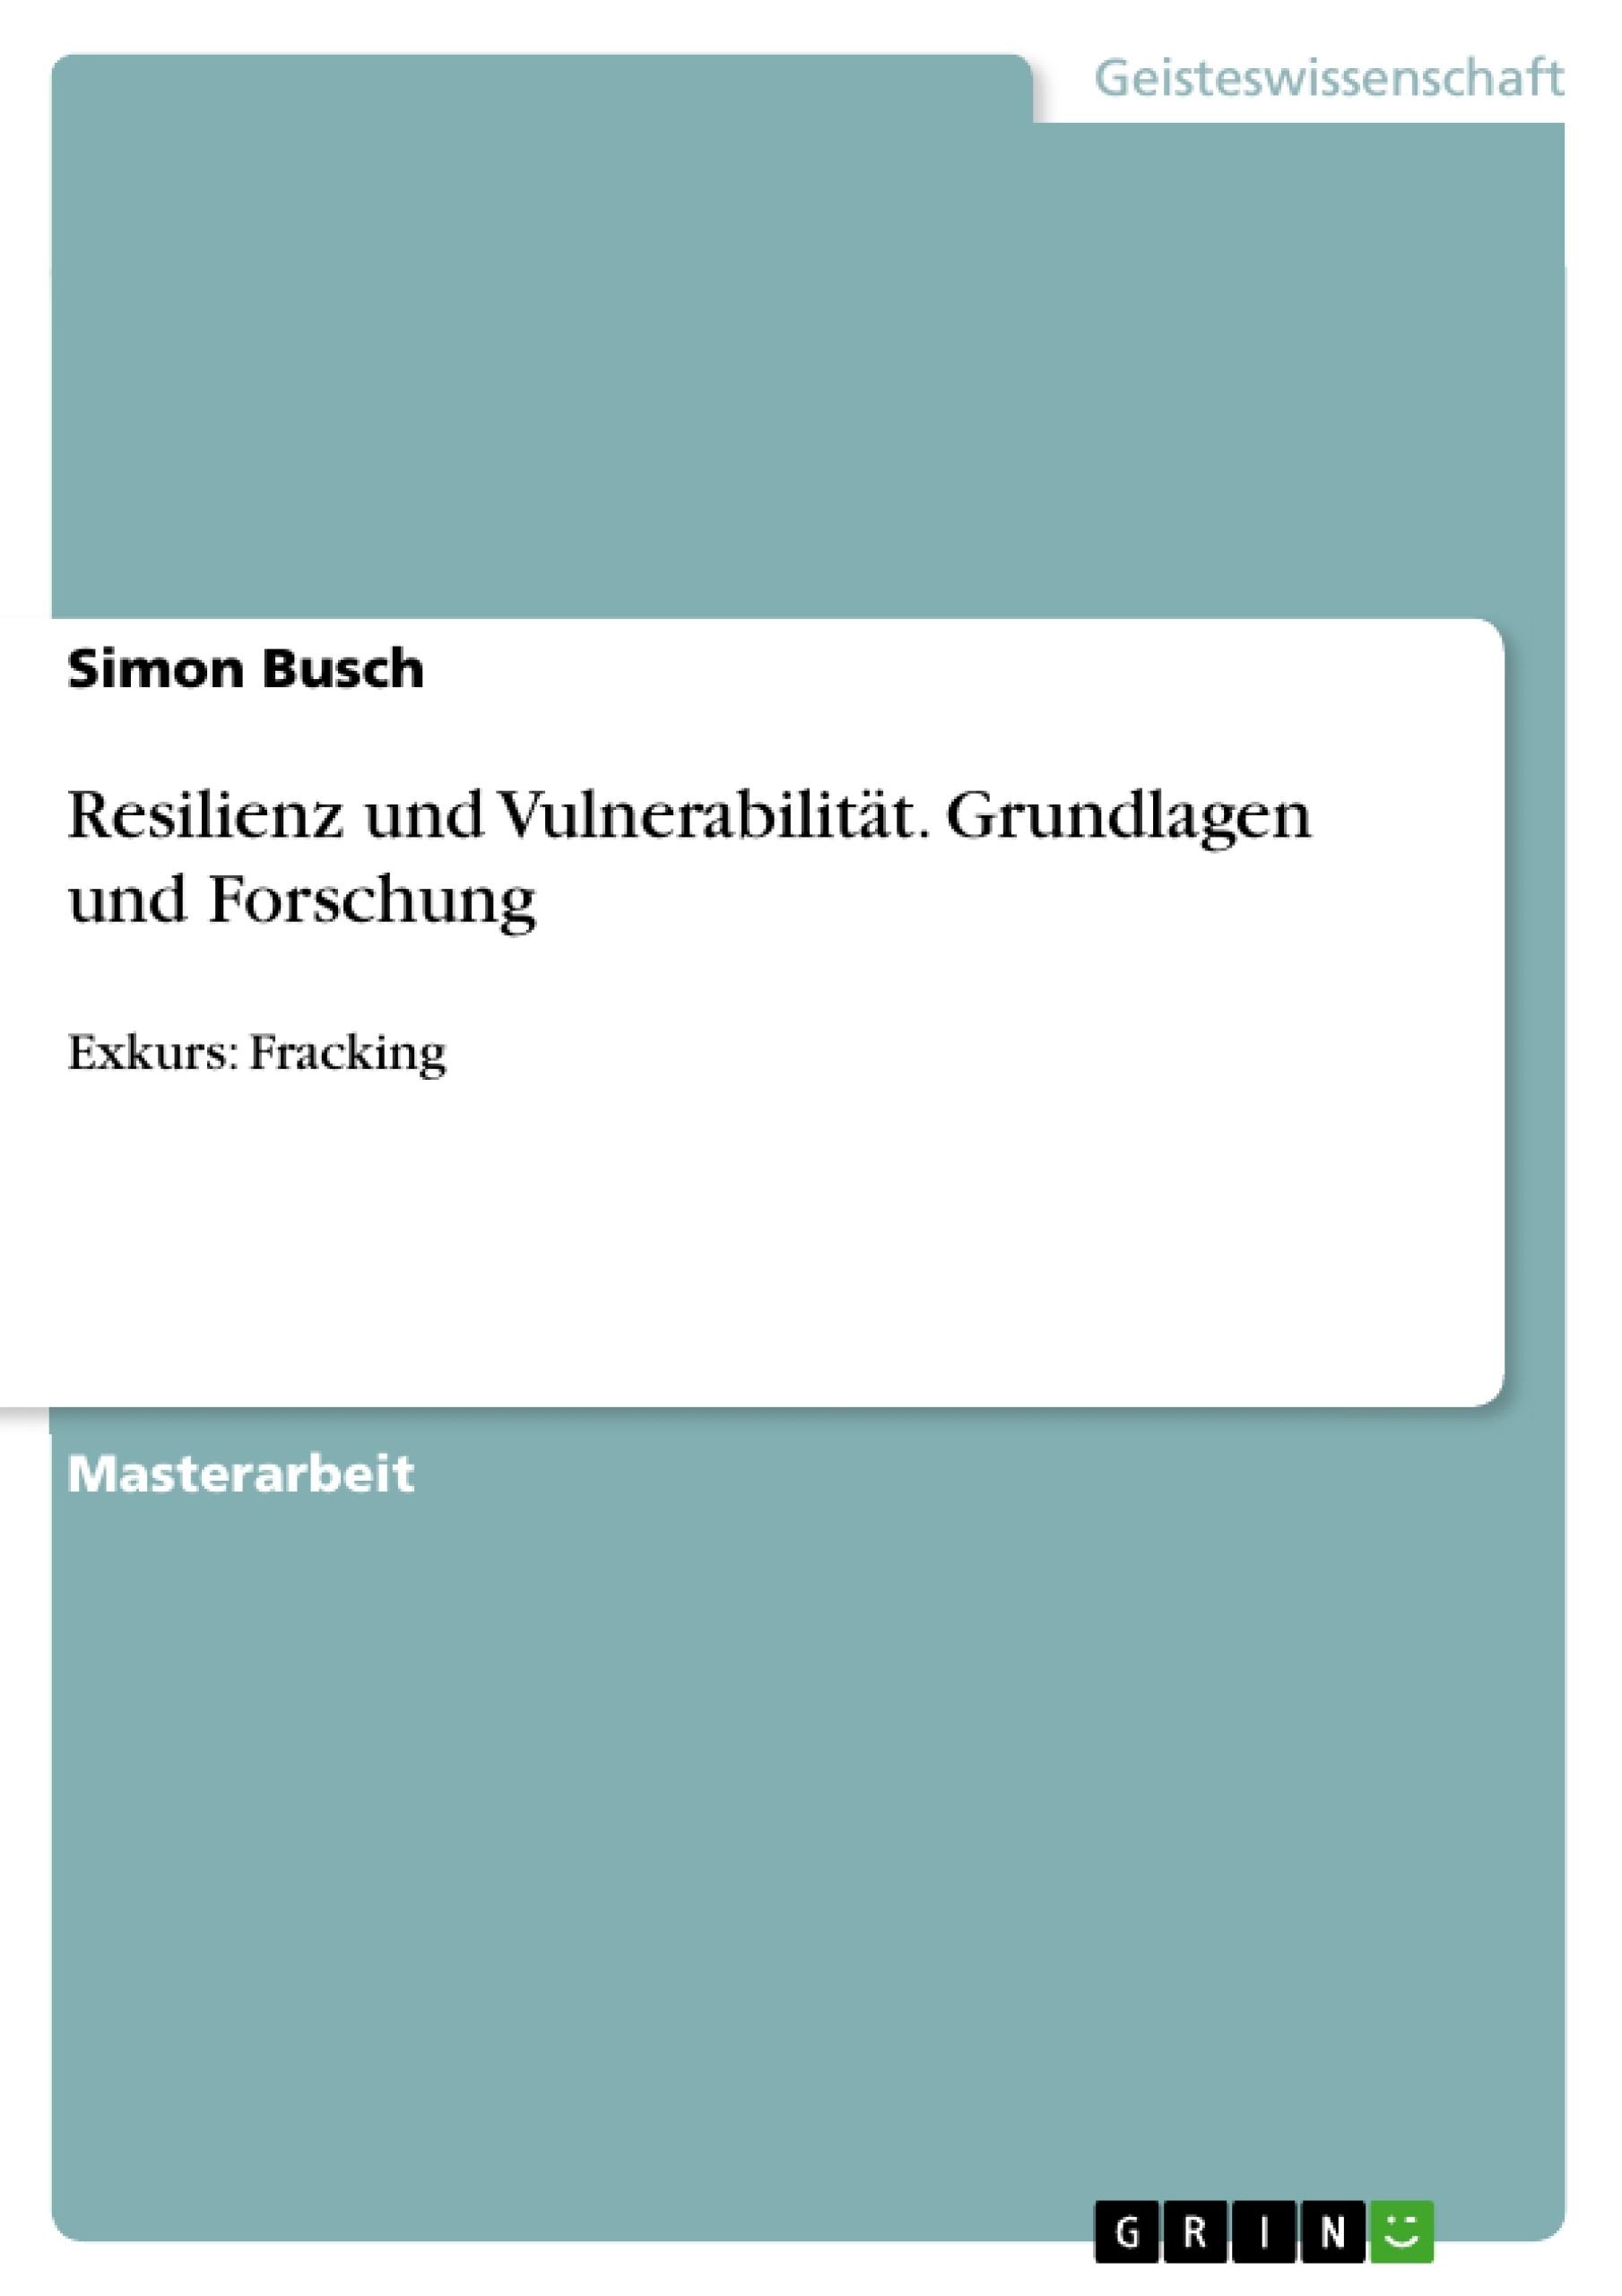 Titel: Resilienz und Vulnerabilität. Grundlagen und Forschung